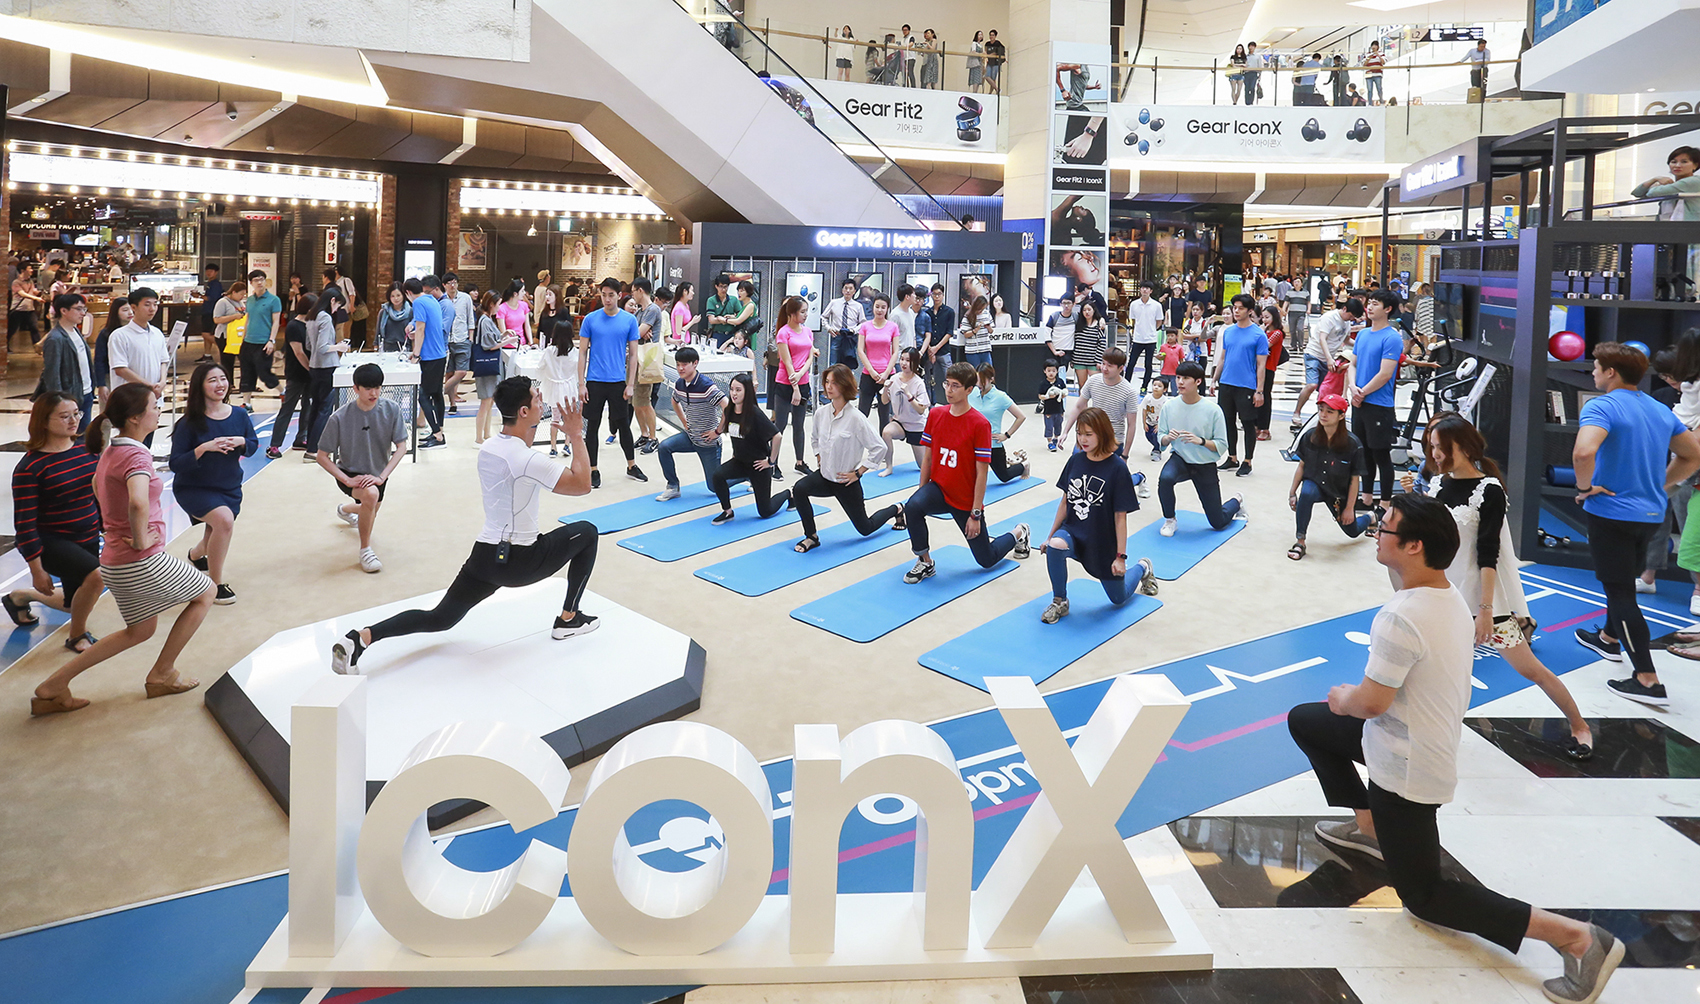 15일부터 17일까지 여의도 IFC몰에서 이색 체험 행사 운영 피트니스 센터 컨셉의 공간에서 소비자들이 운동 기구를 직접 즐기며 혁신적 웨어러블 제품을 흥미롭게 체험 심으뜸, 양호석 등 유명 트레이너가 다양한 운동법도 강의